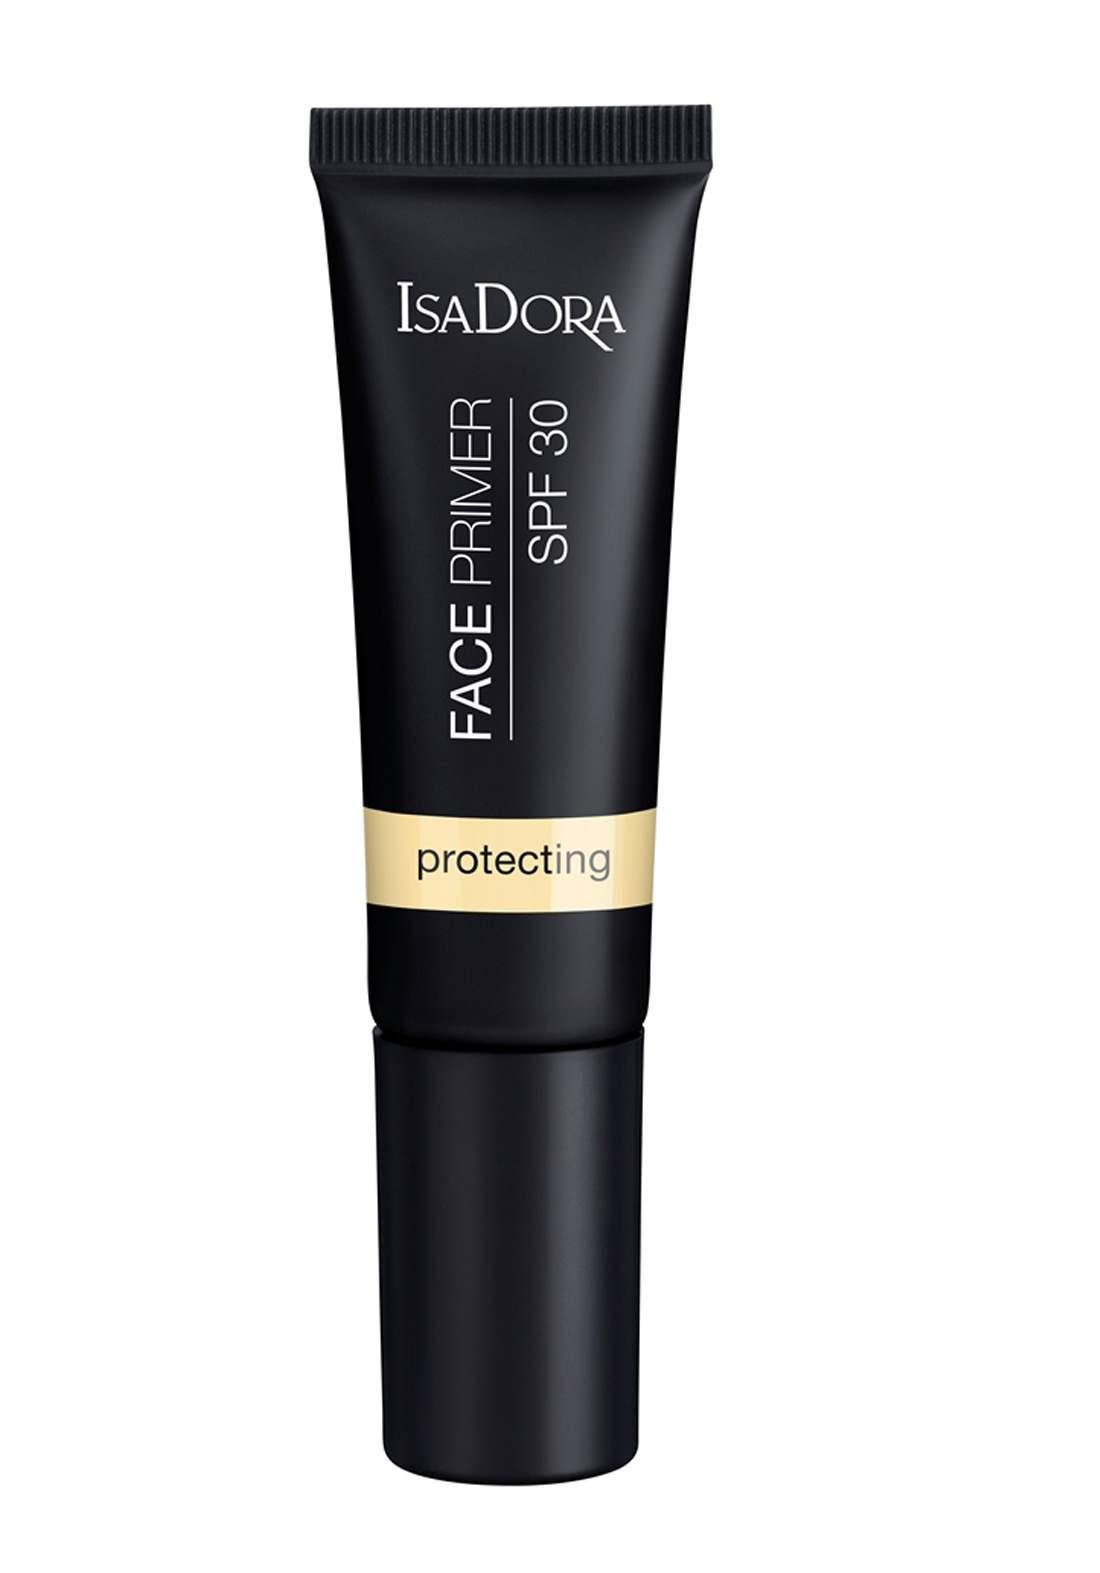 317104 Isadora Face Primer Protecting Spf 30 برايمر للوجه